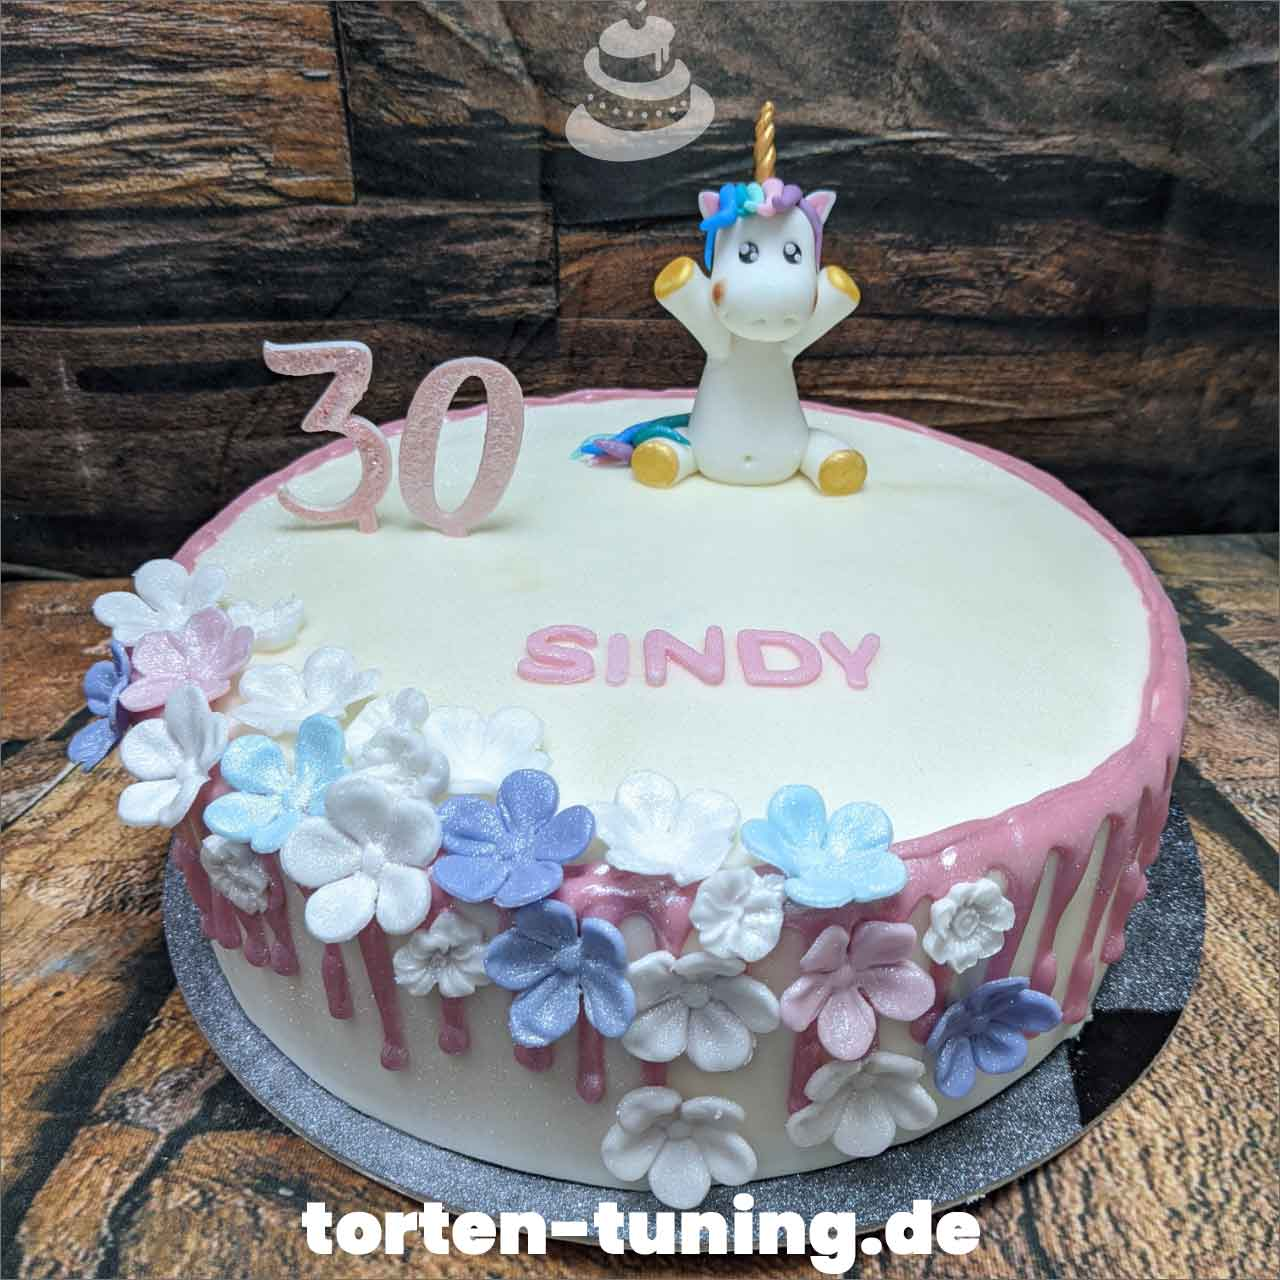 Einhorn Dripcake Obsttorte Geburtstagstorte Motivtorte Torte Tortendekoration Torte online bestellen Suhl Thüringen Torten Tuning Sahnetorte Tortenfiguren Cake Topper